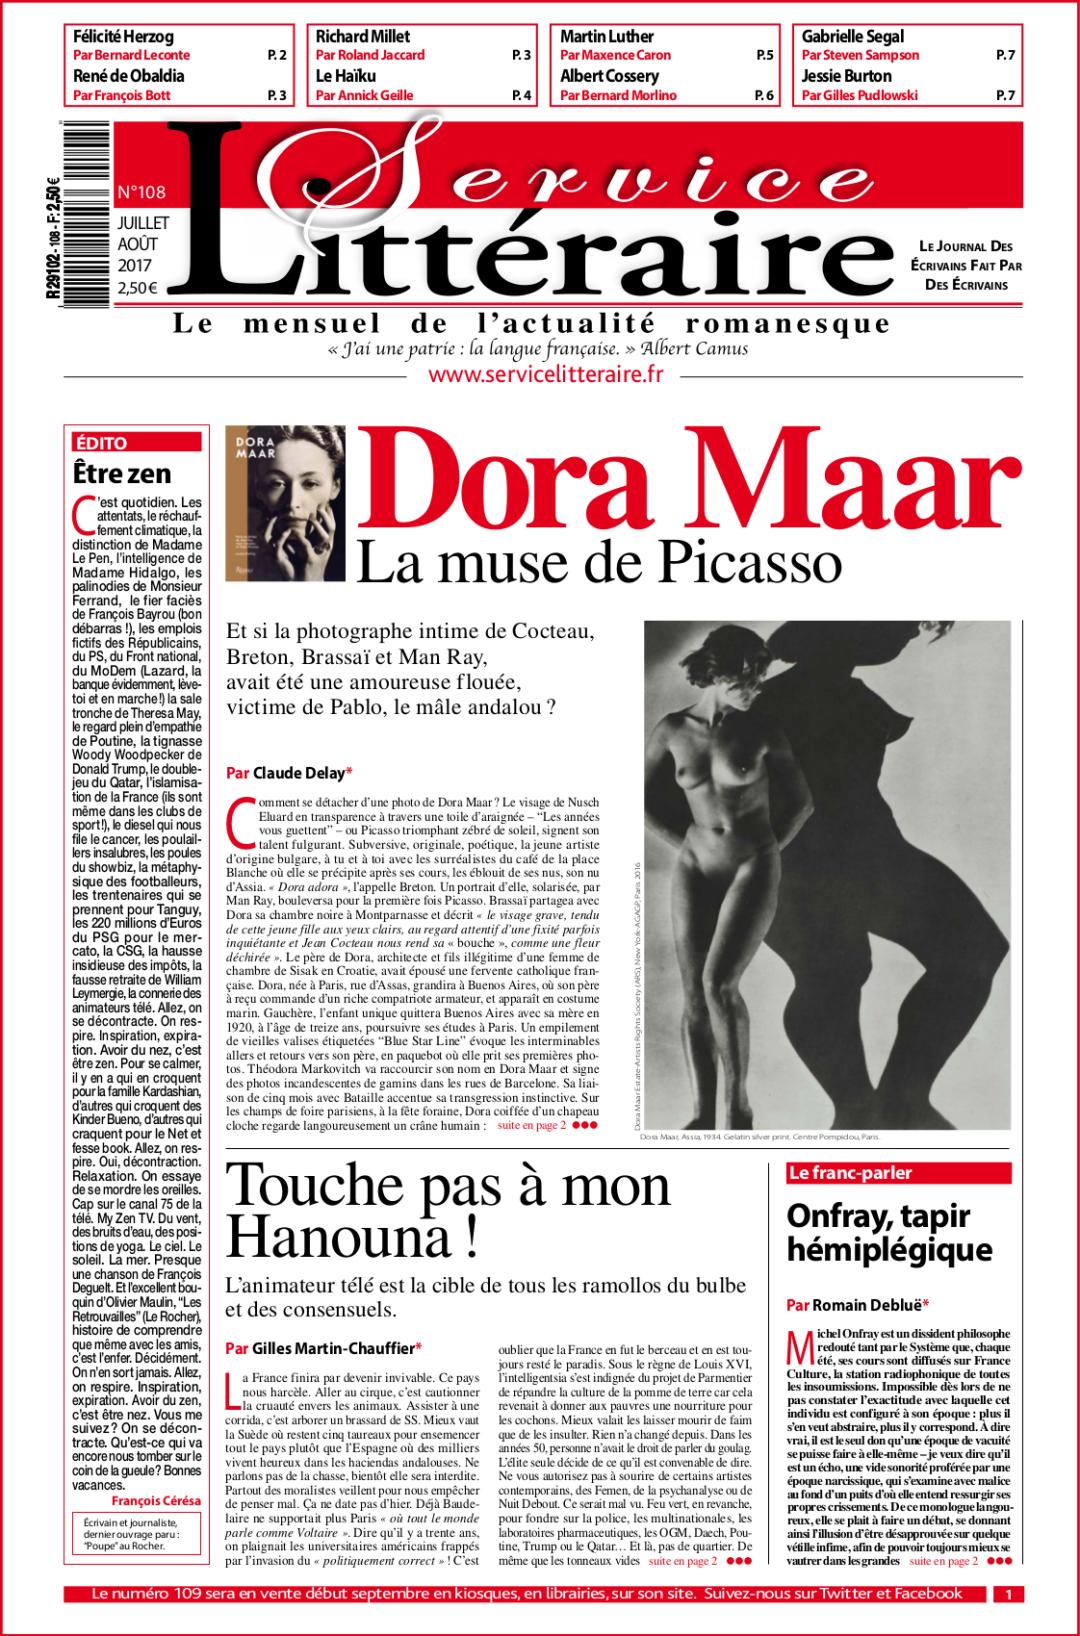 une Dora Maar 108 juillet 2017